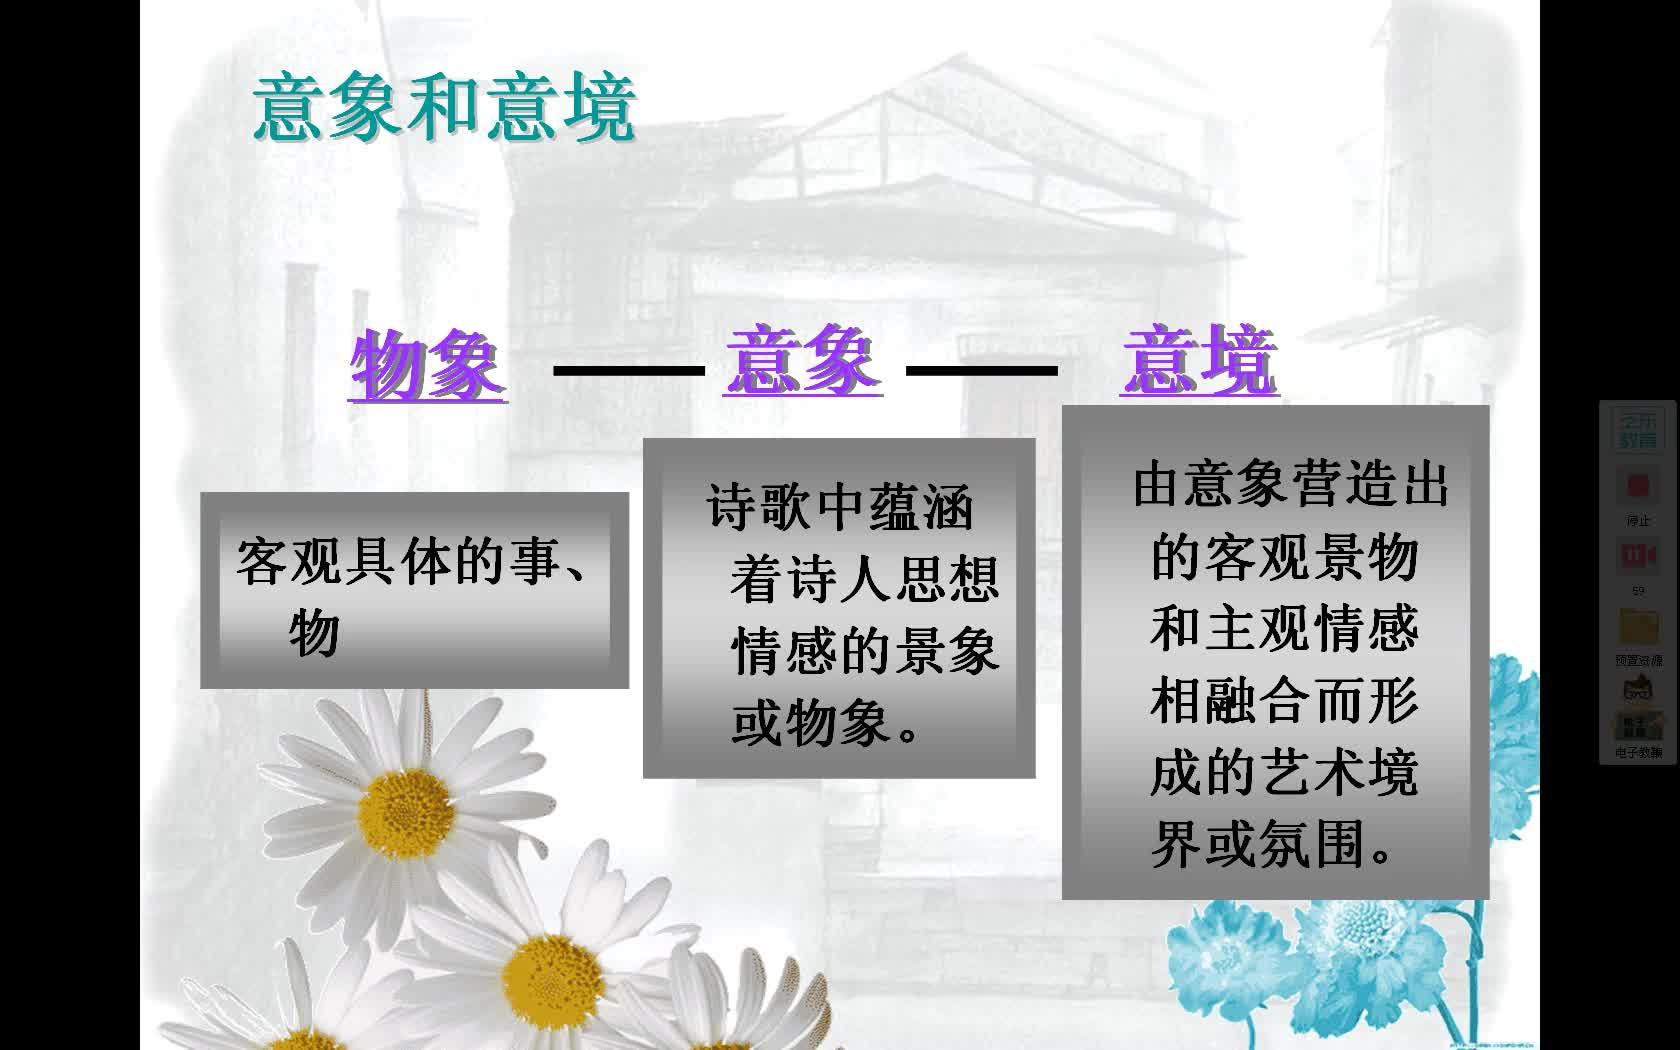 人教版 高中语文 必修一 第一单元 诗两首《雨巷》的意象解读(北票高中-郭敬亭)-视频微课堂